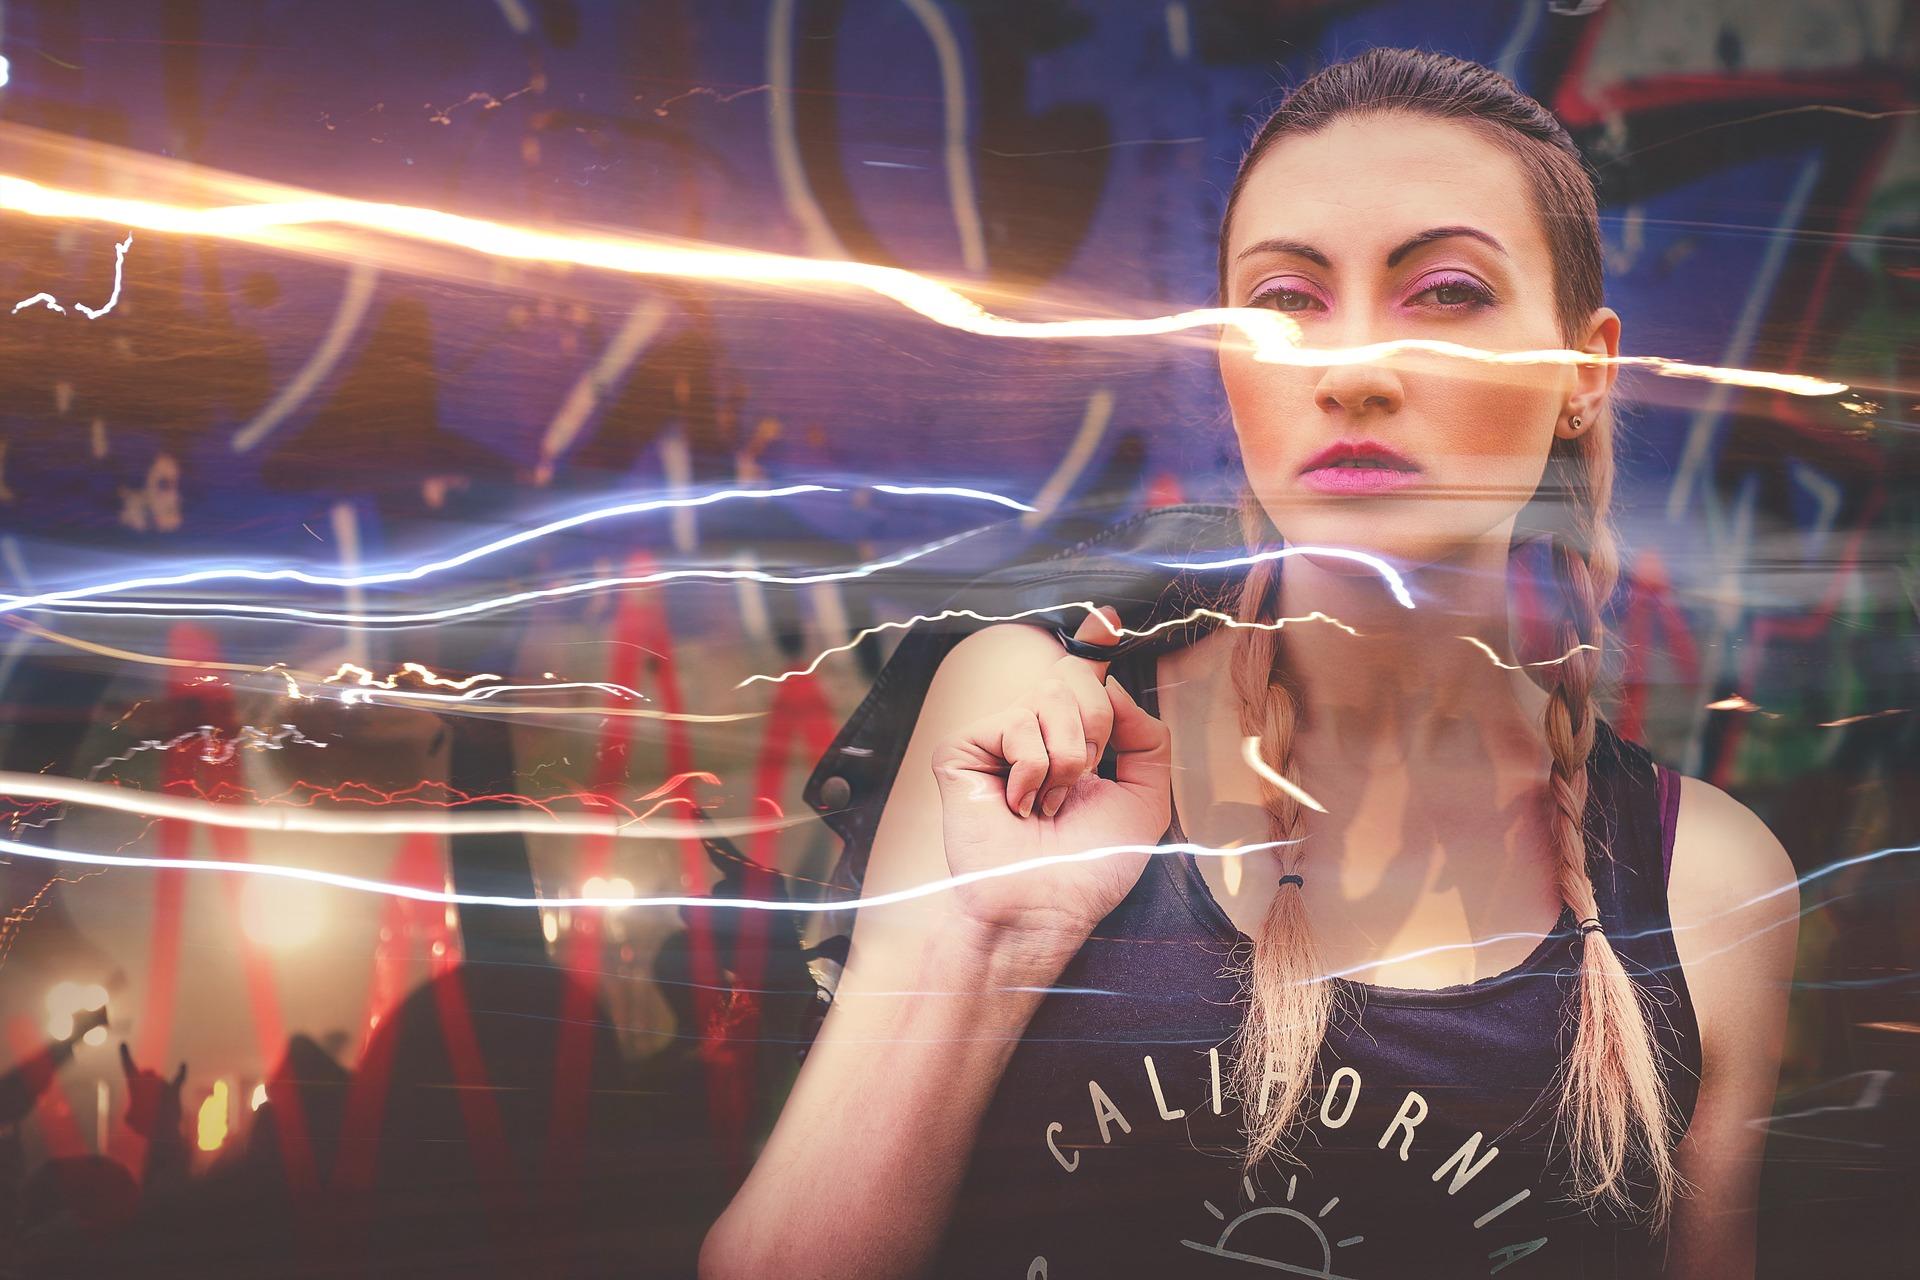 musica rock y electricidad